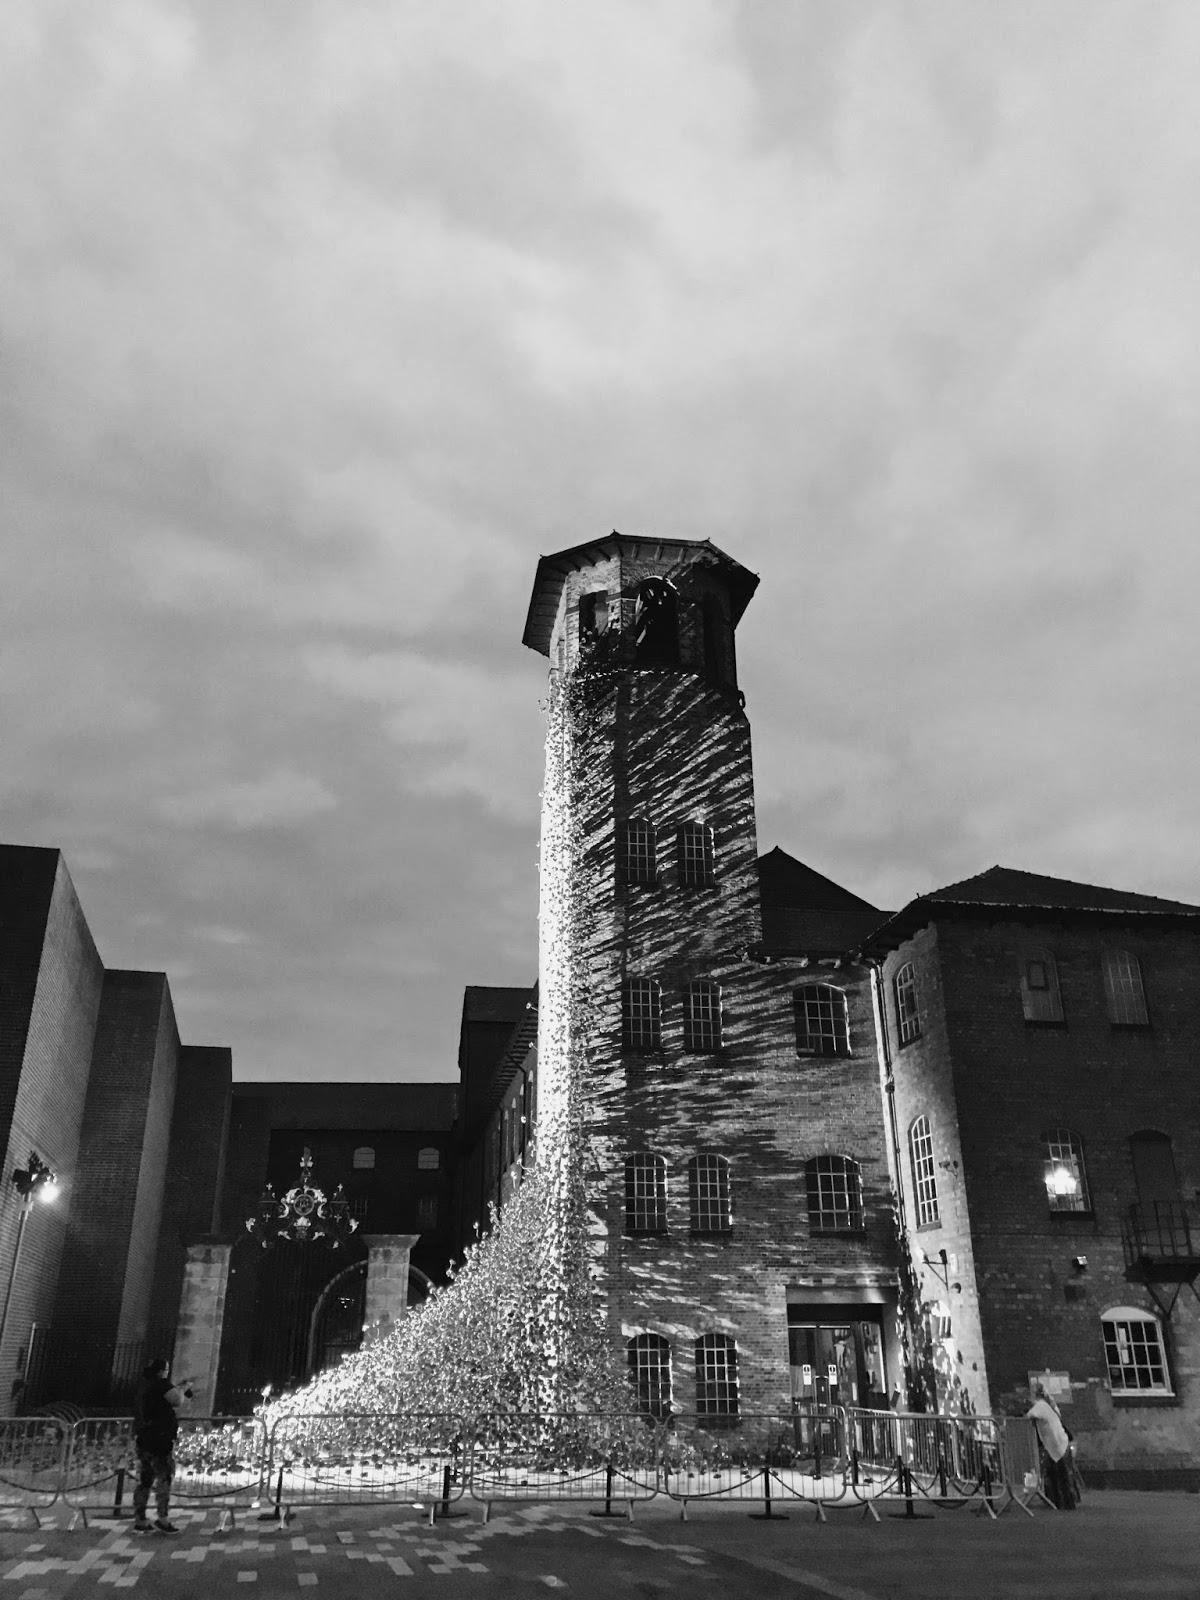 Derby Silk Mill, Black and White, Derby, Derbyshire, Poppies, Weeping Window, Shadows, Derbys, Katie Writes Blog, Katie Writes,